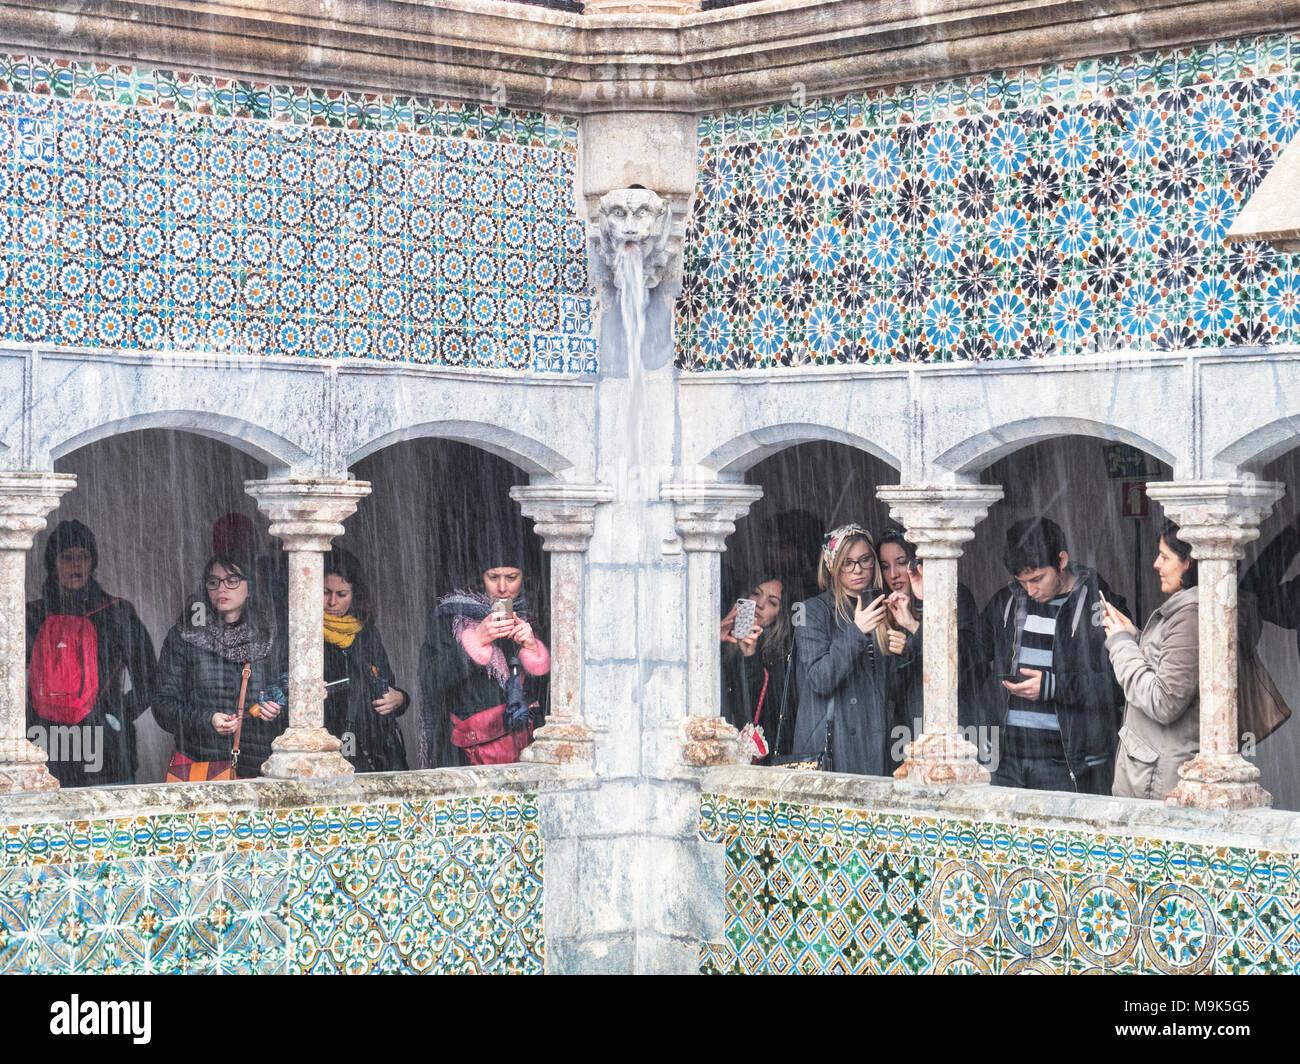 5 mars 2018: Sintra, Portugal - Les touristes avec les téléphones avec appareil photo sous une colonnade au palais de Pena, profitant d'une journée très humide. Photo Stock